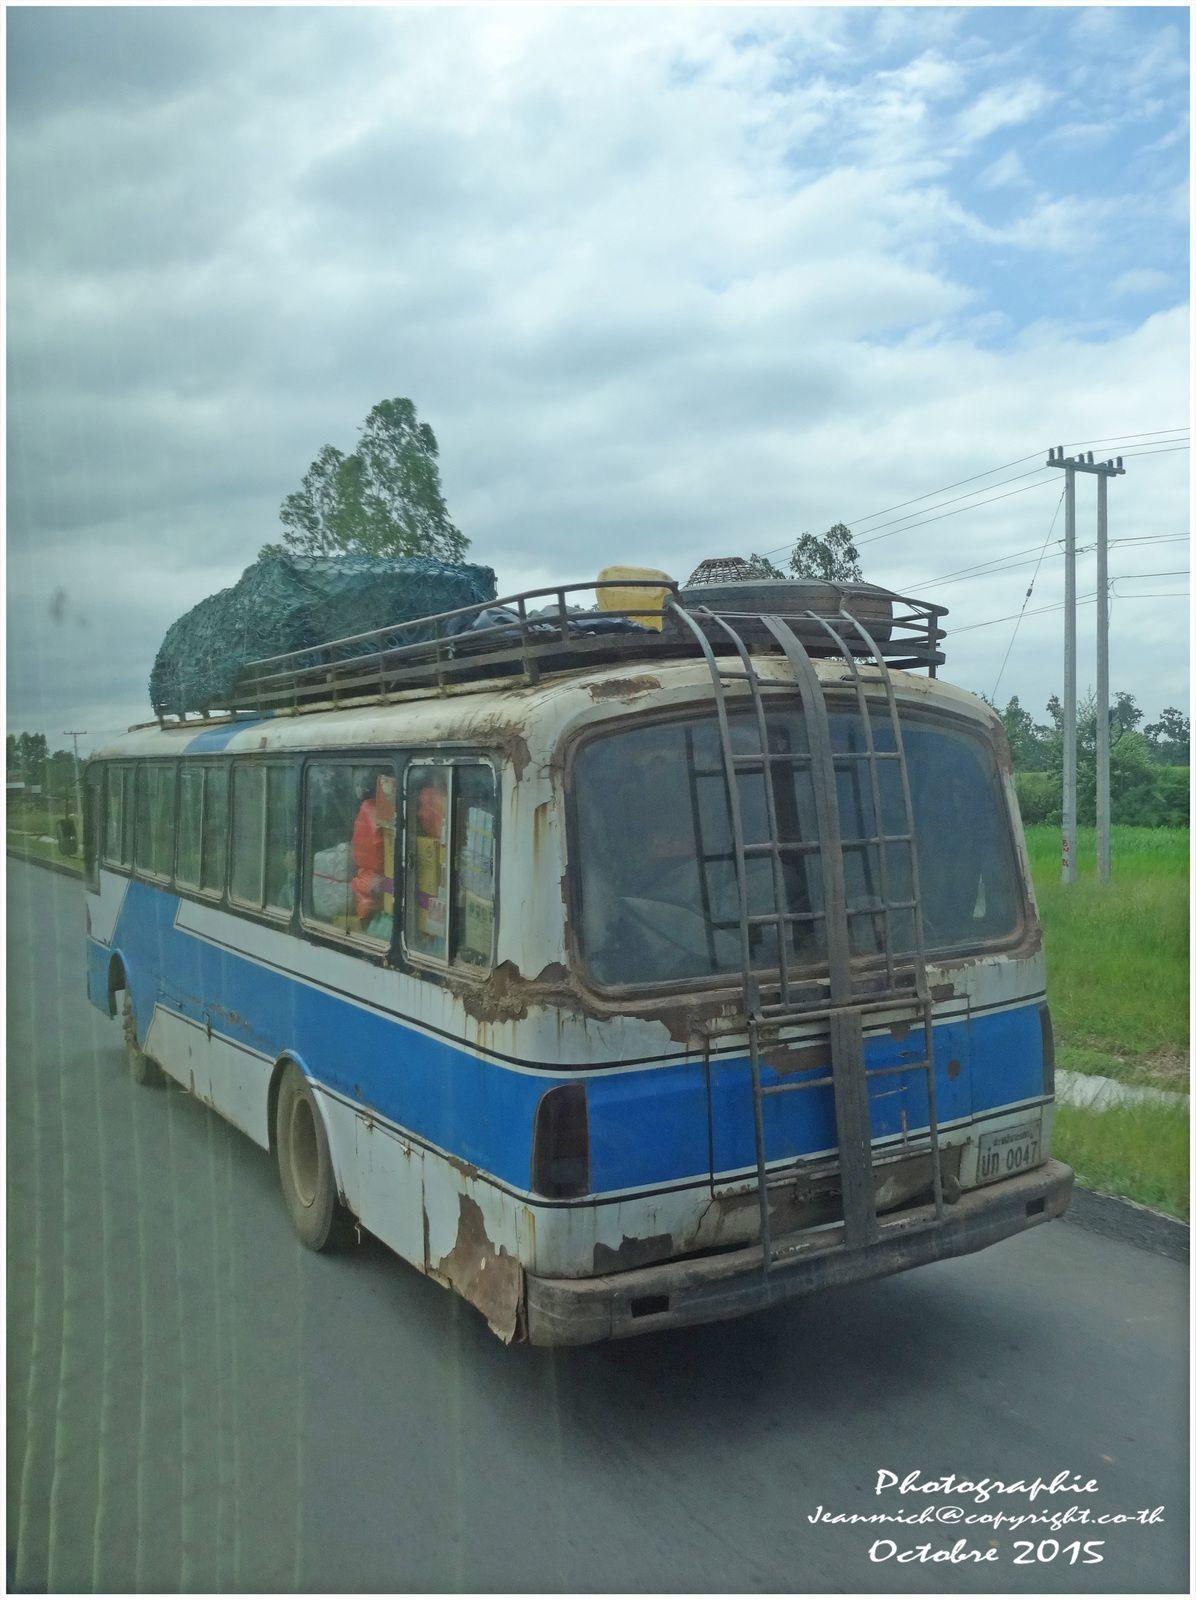 Vacances au Vietnam (trajet de Khon Kaen à la frontière vietnamienne)